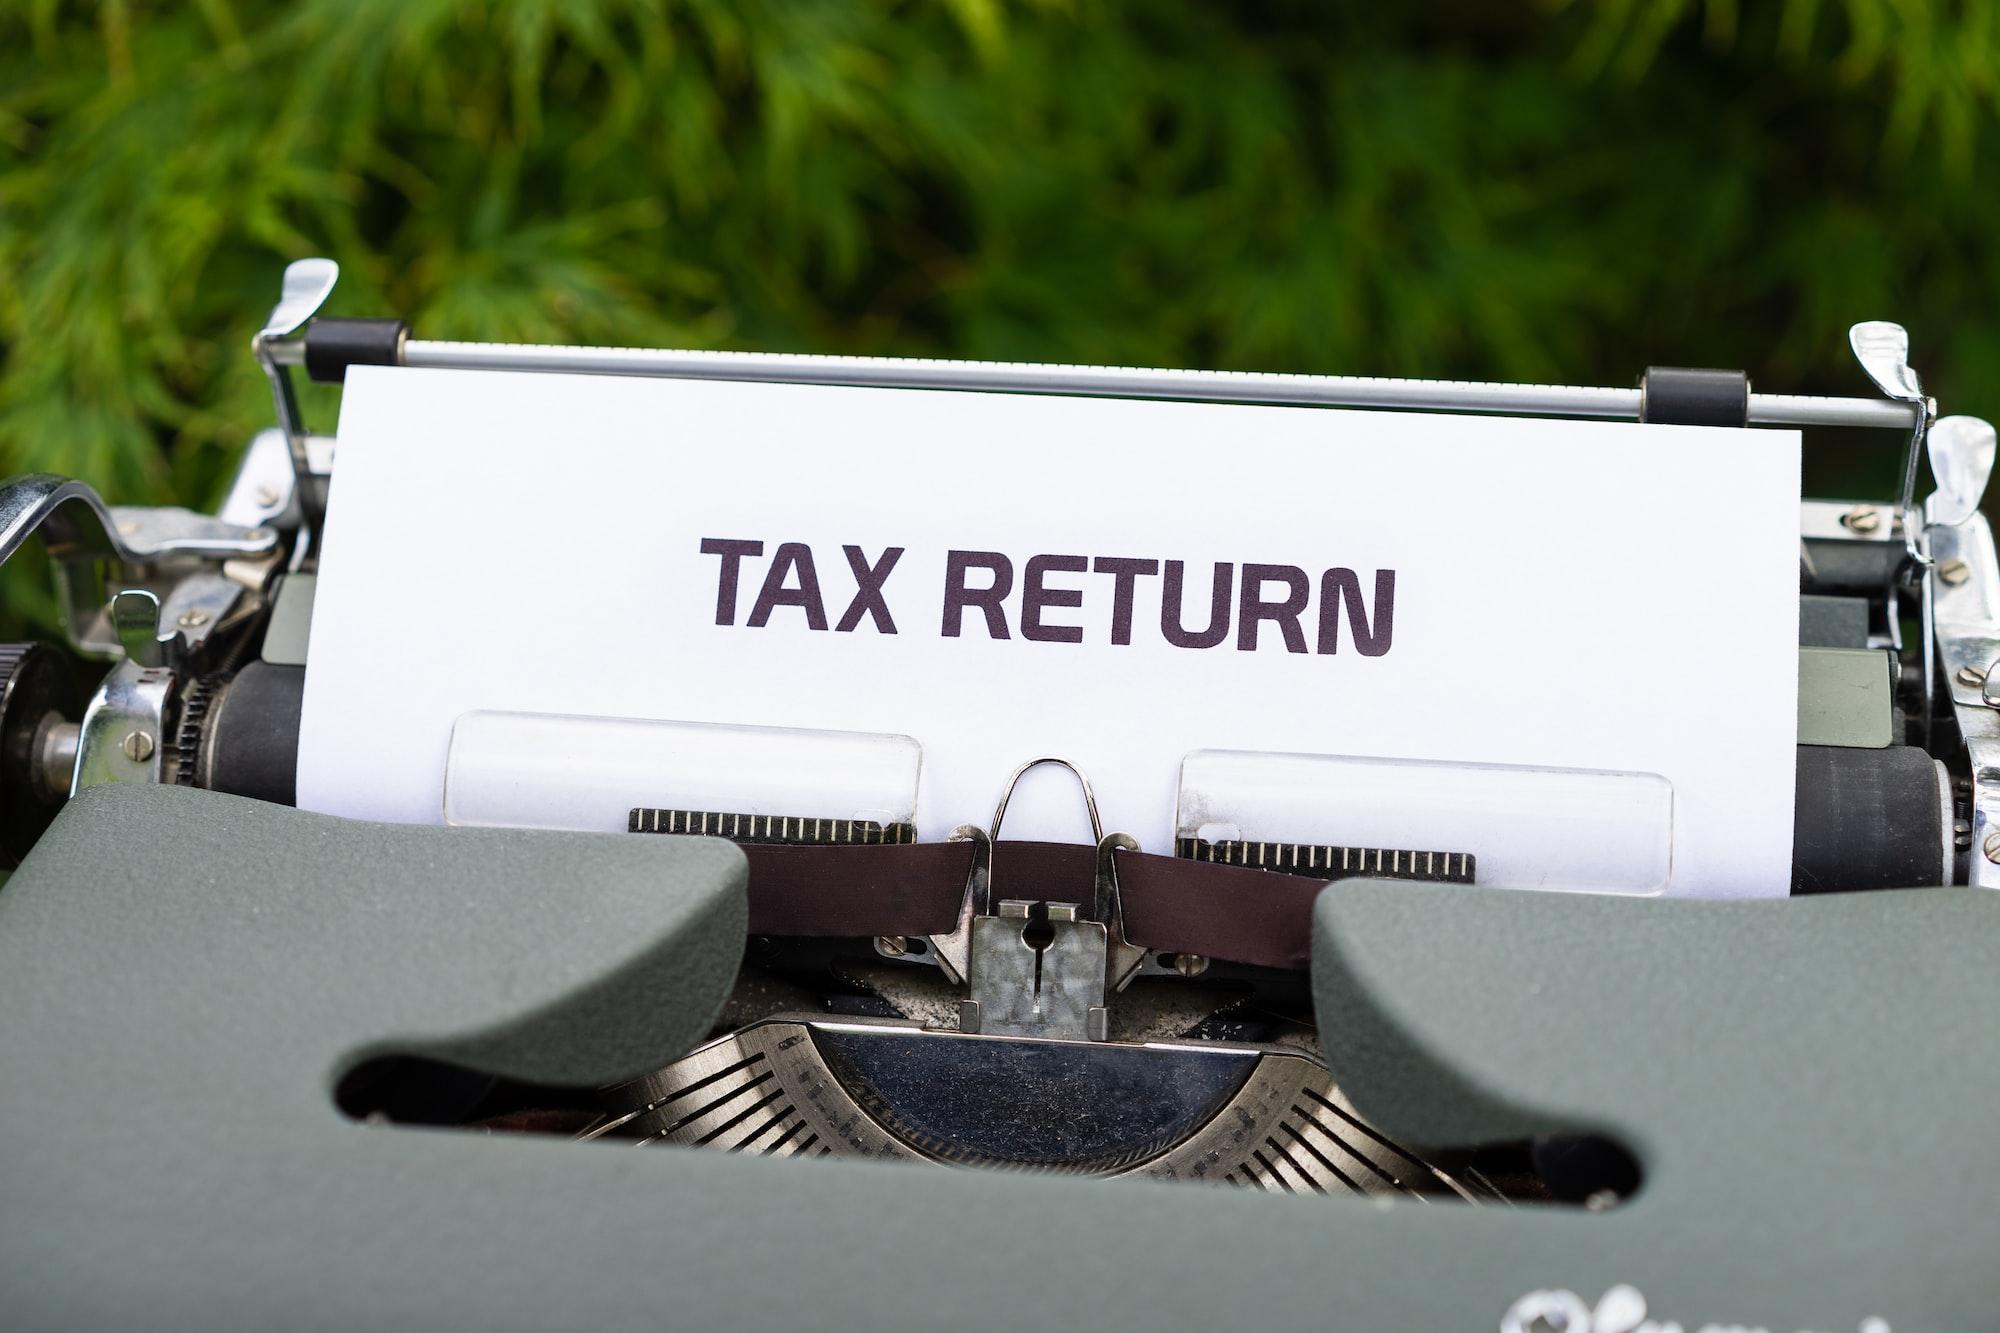 今年报税前,最好先看看这篇文章:分分钟省出很多钱